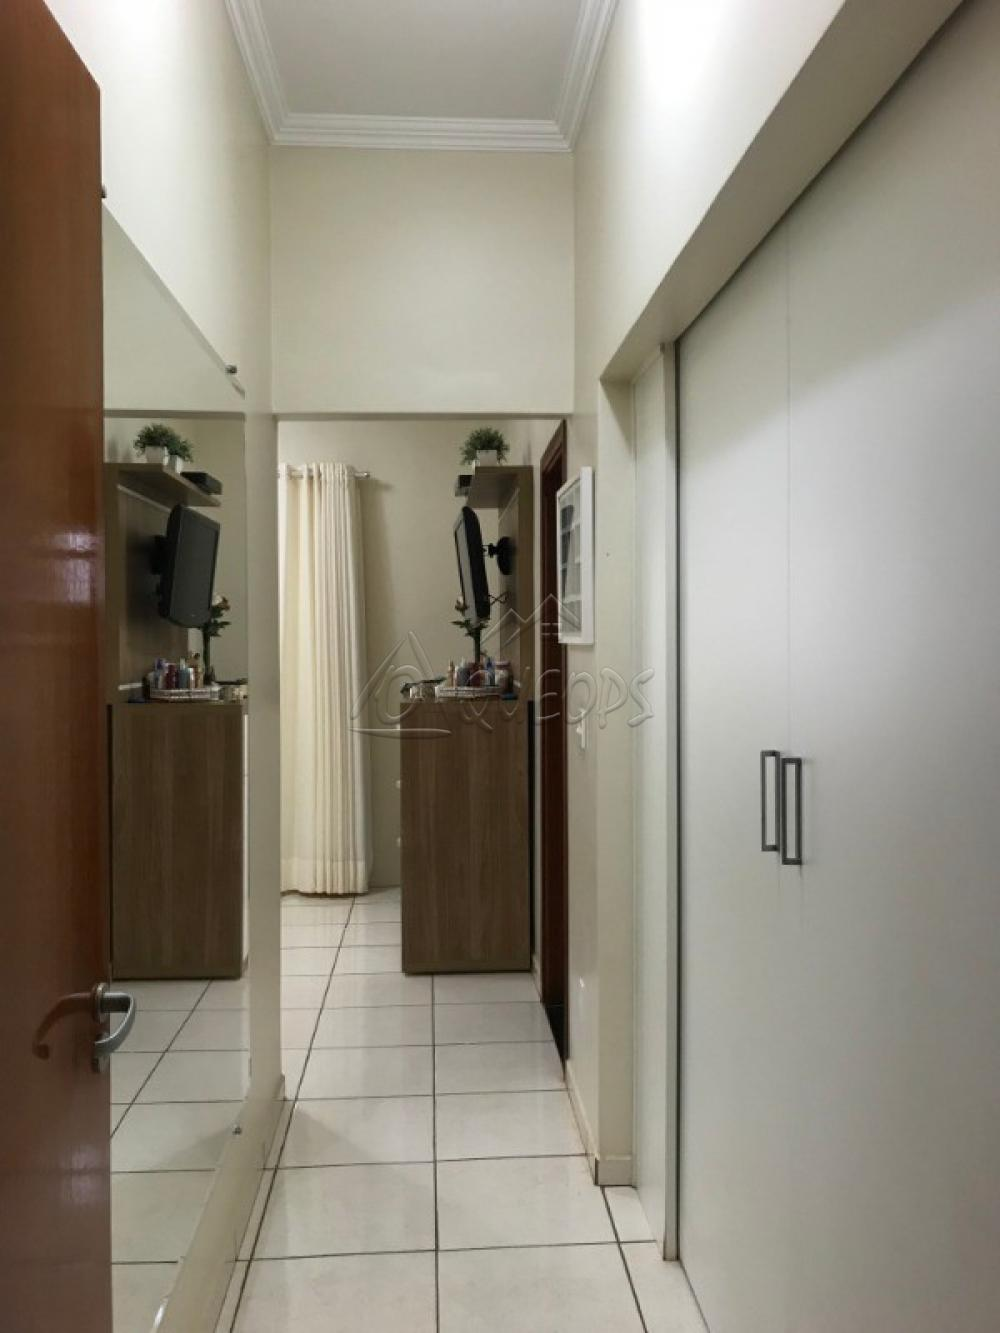 Comprar Casa / Padrão em Barretos apenas R$ 530.000,00 - Foto 7